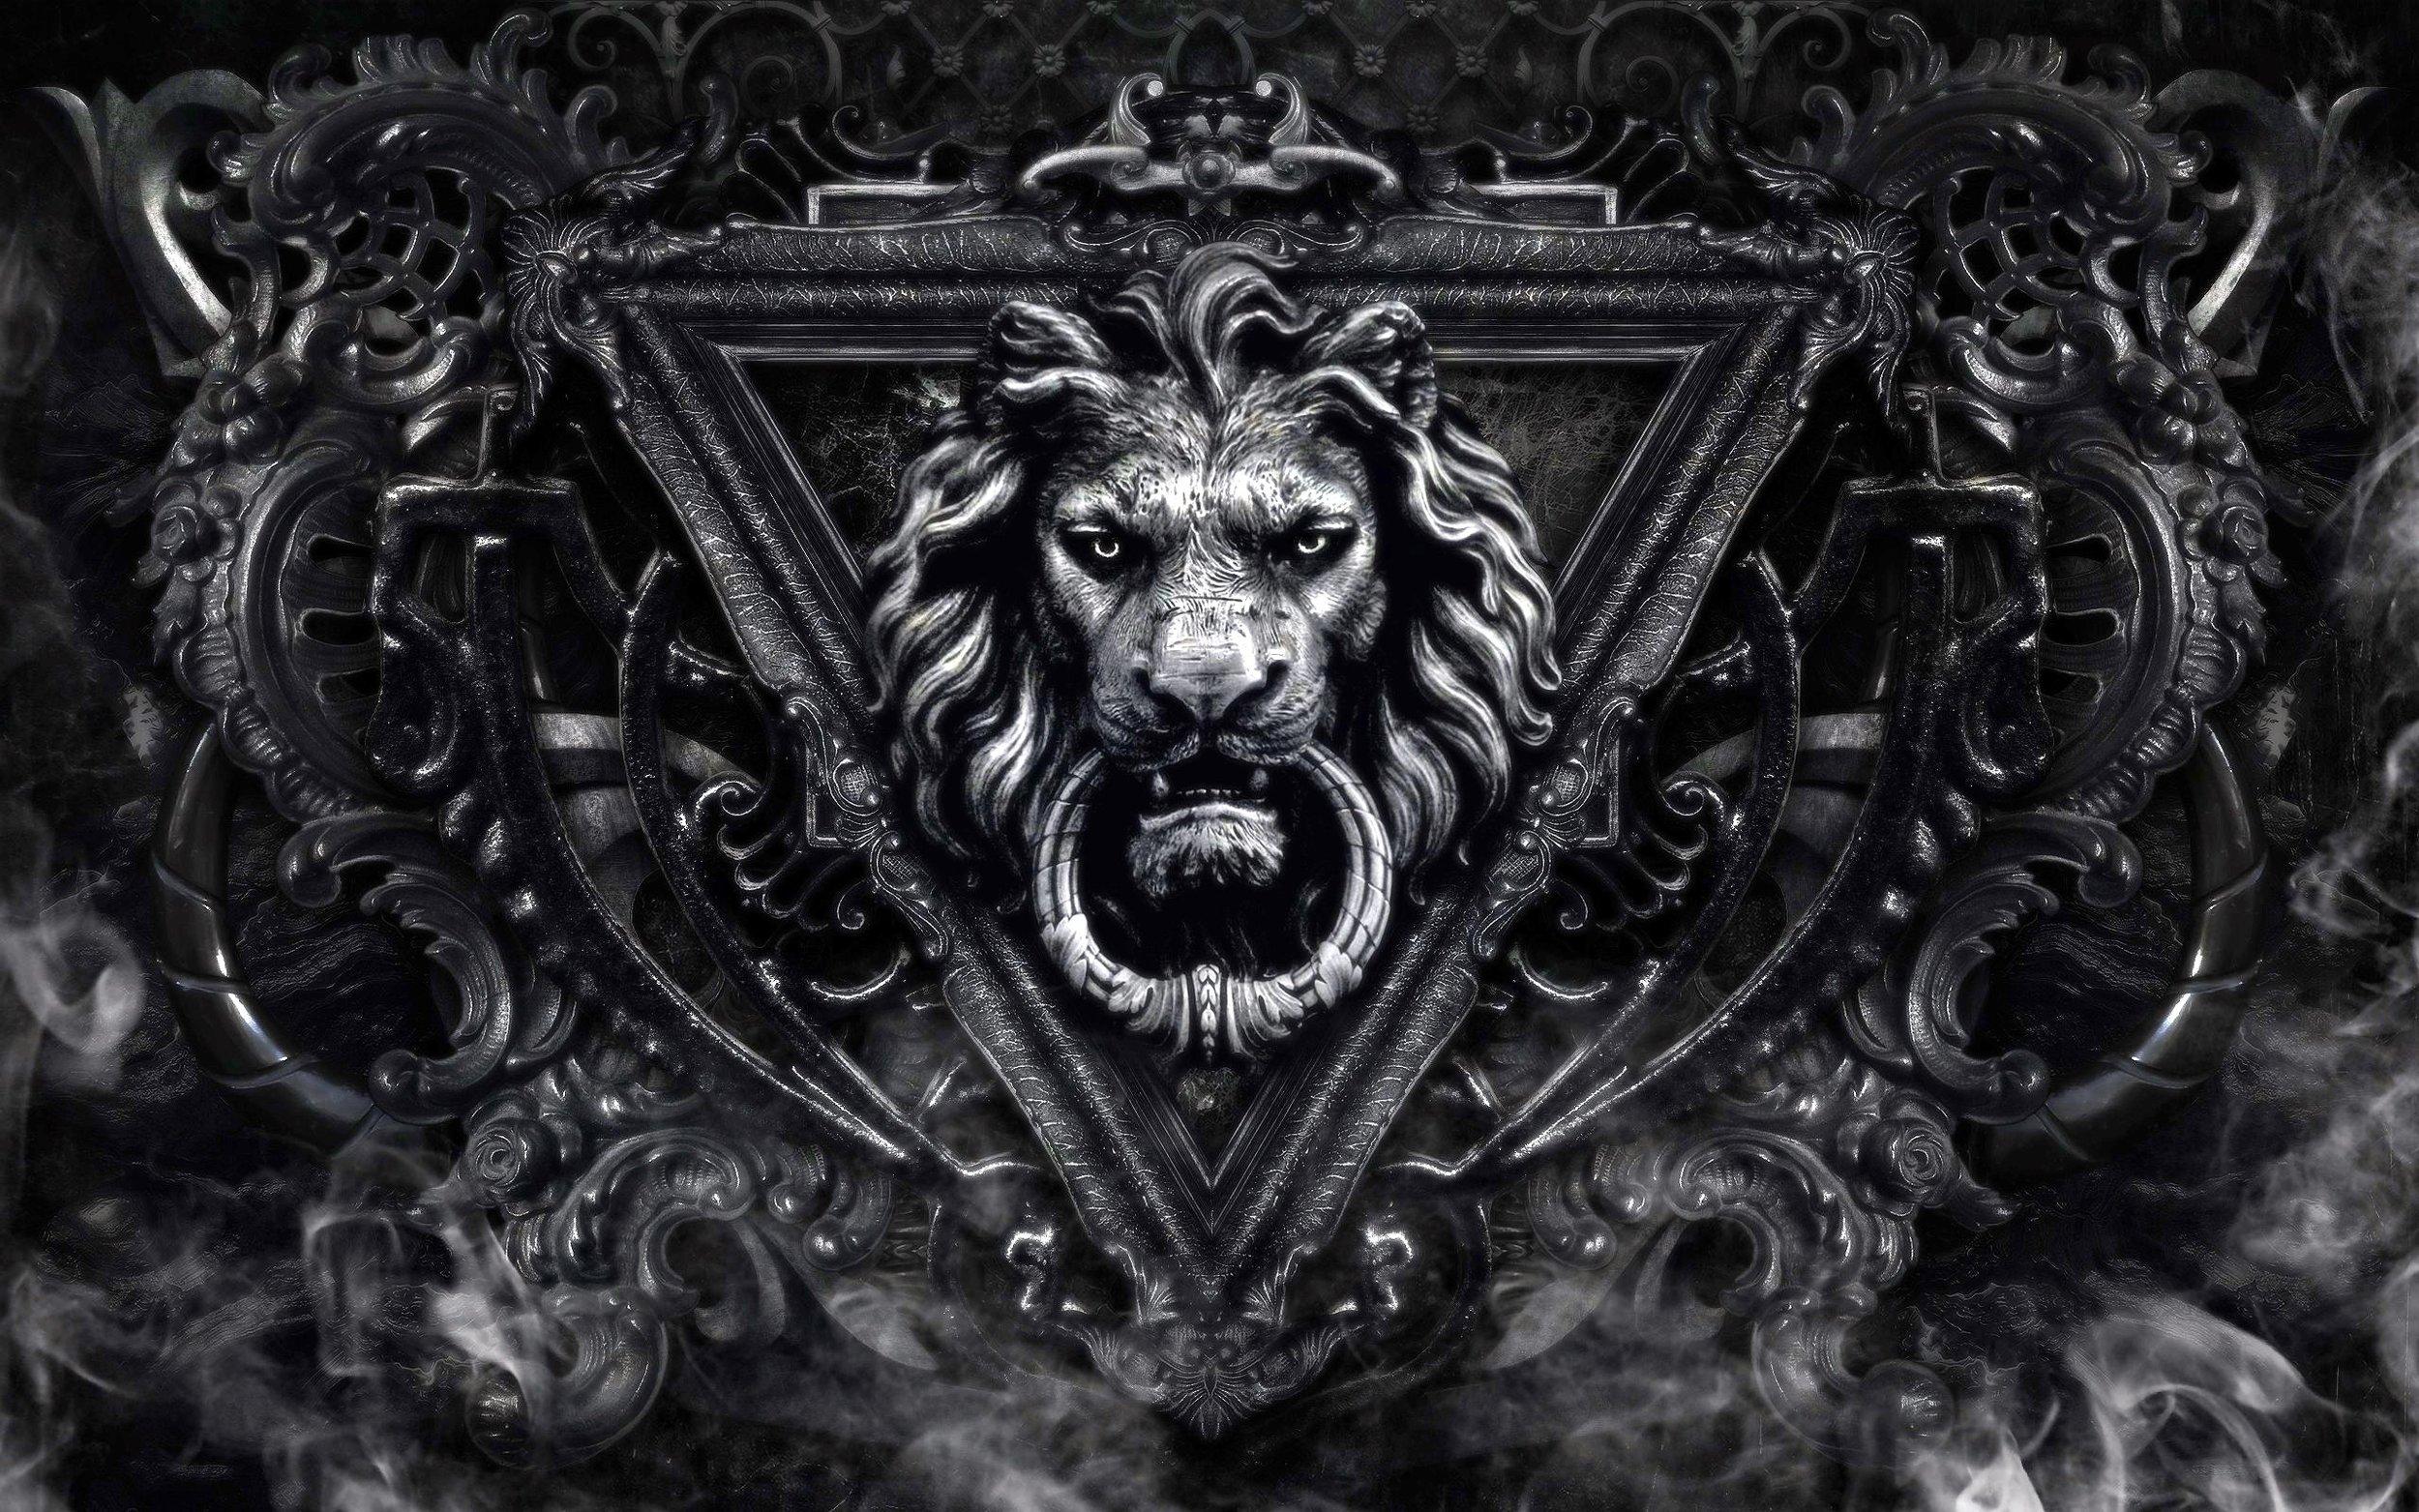 Lion-door-knocker-46074380.jpg